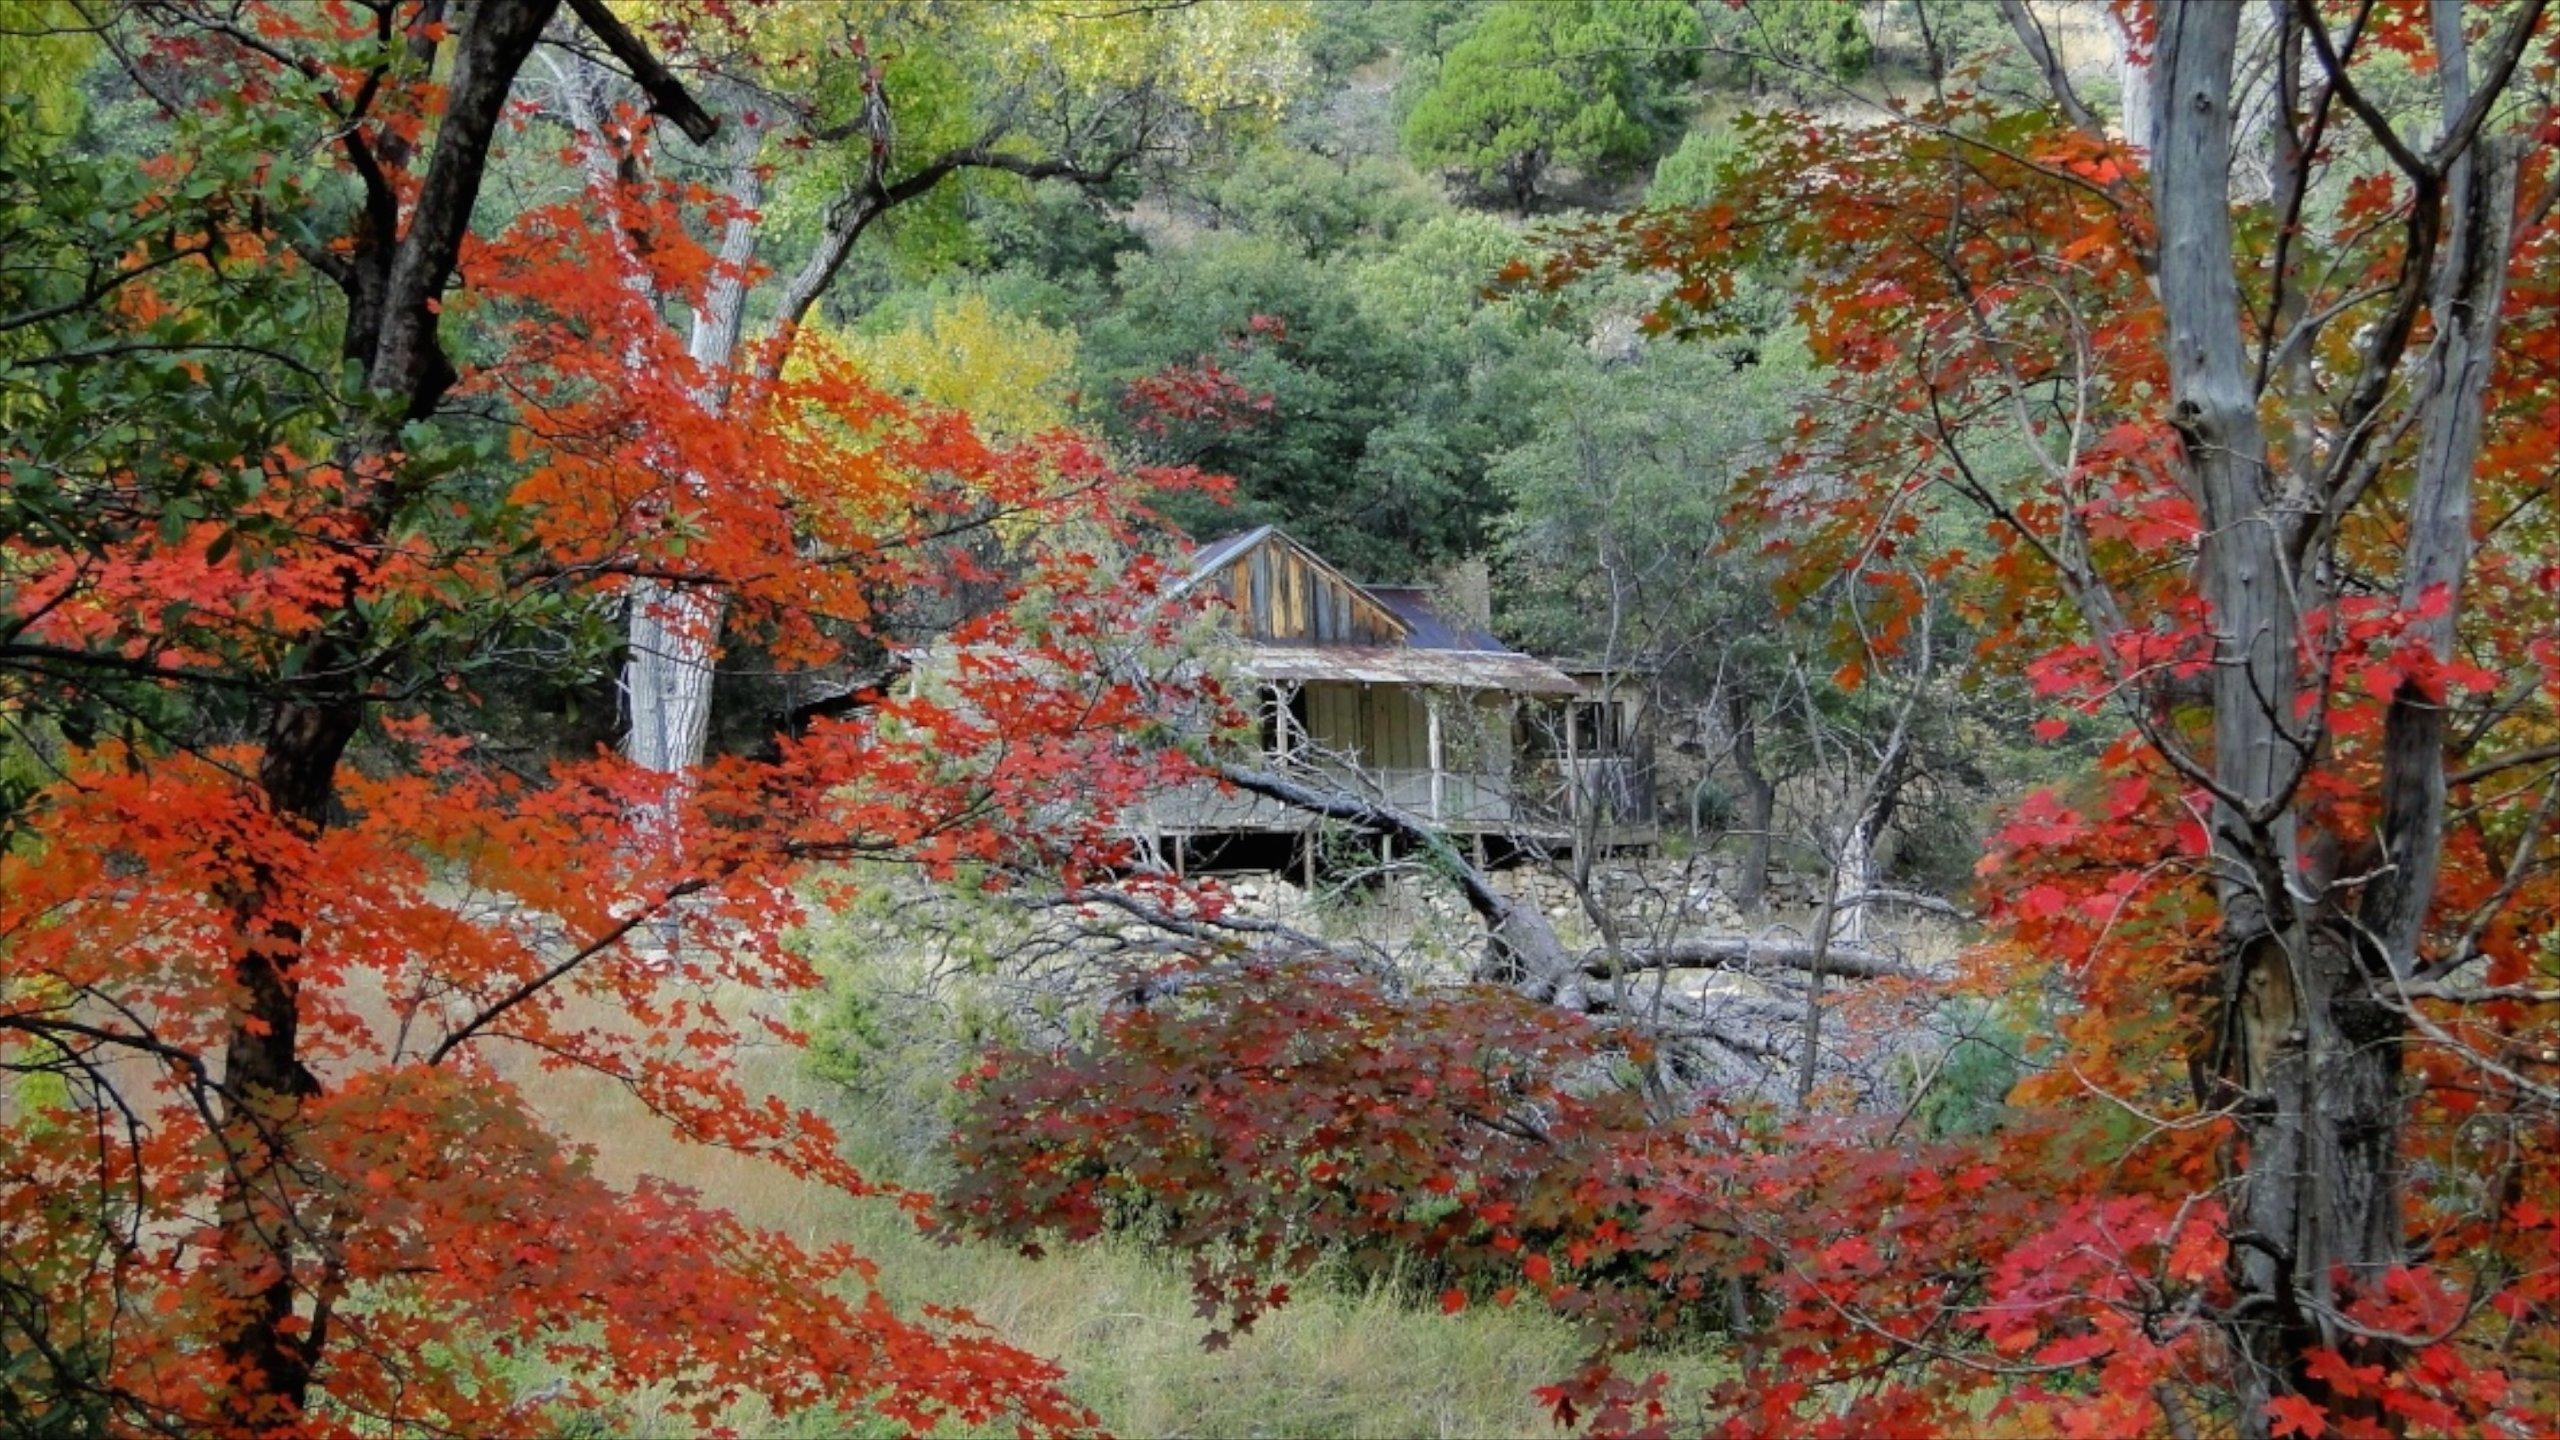 Sierra Vista joka esittää syksyn lehdet